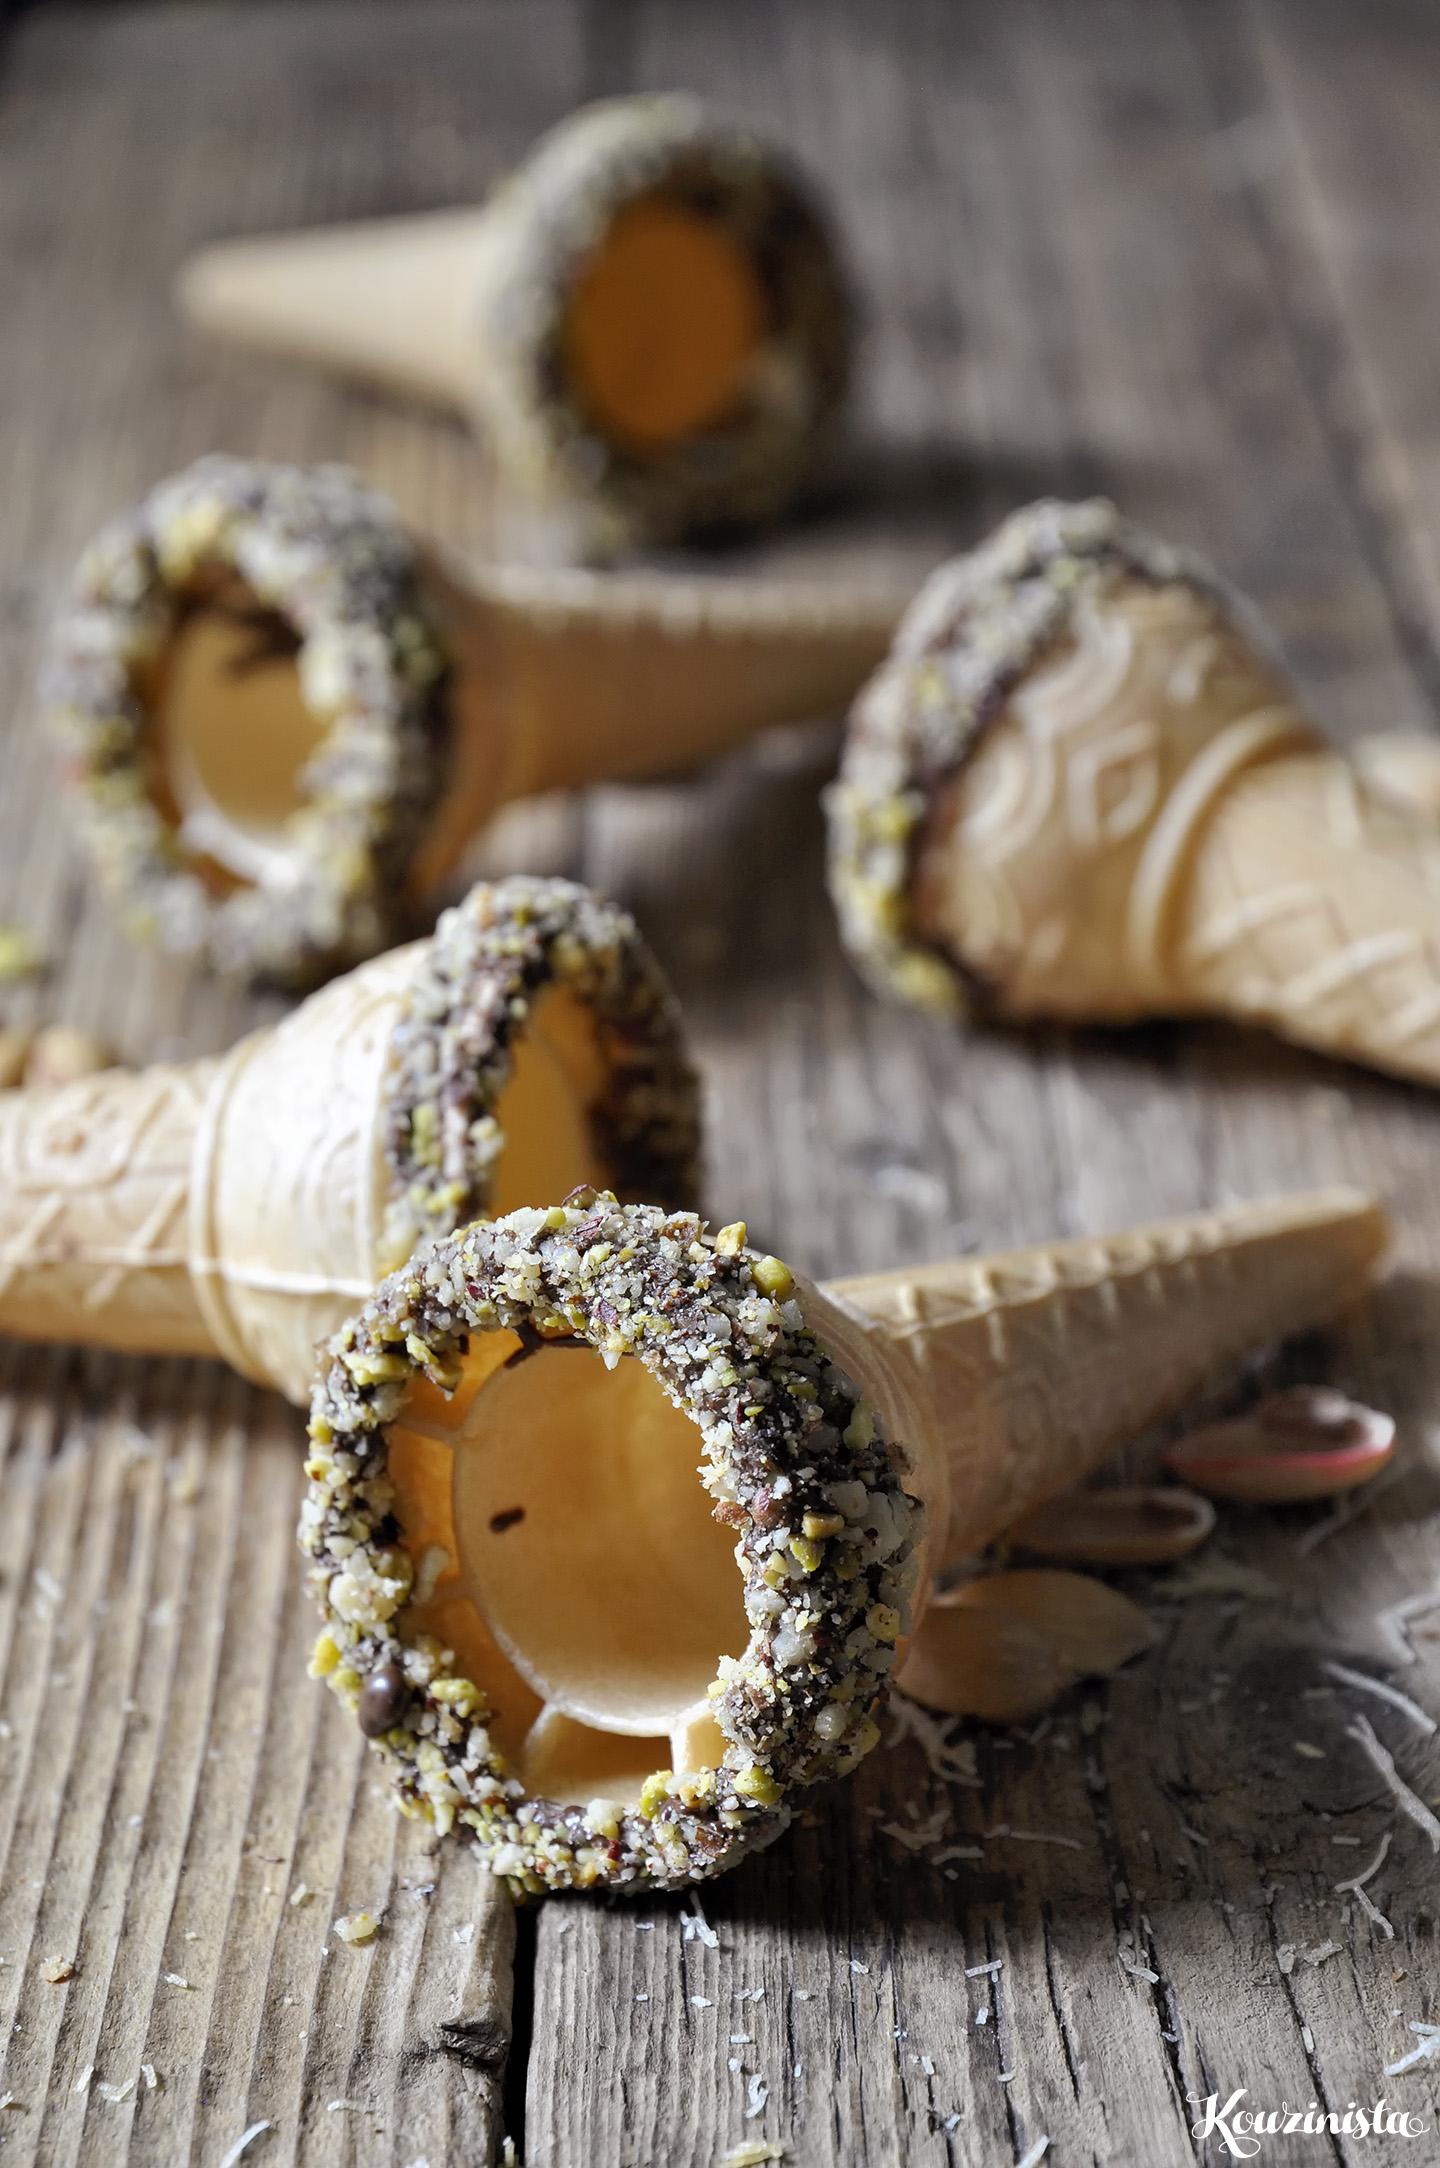 Παγωτό κανταΐφι (χωρίς παγωτομηχανή) / No-churn kataifi ice cream